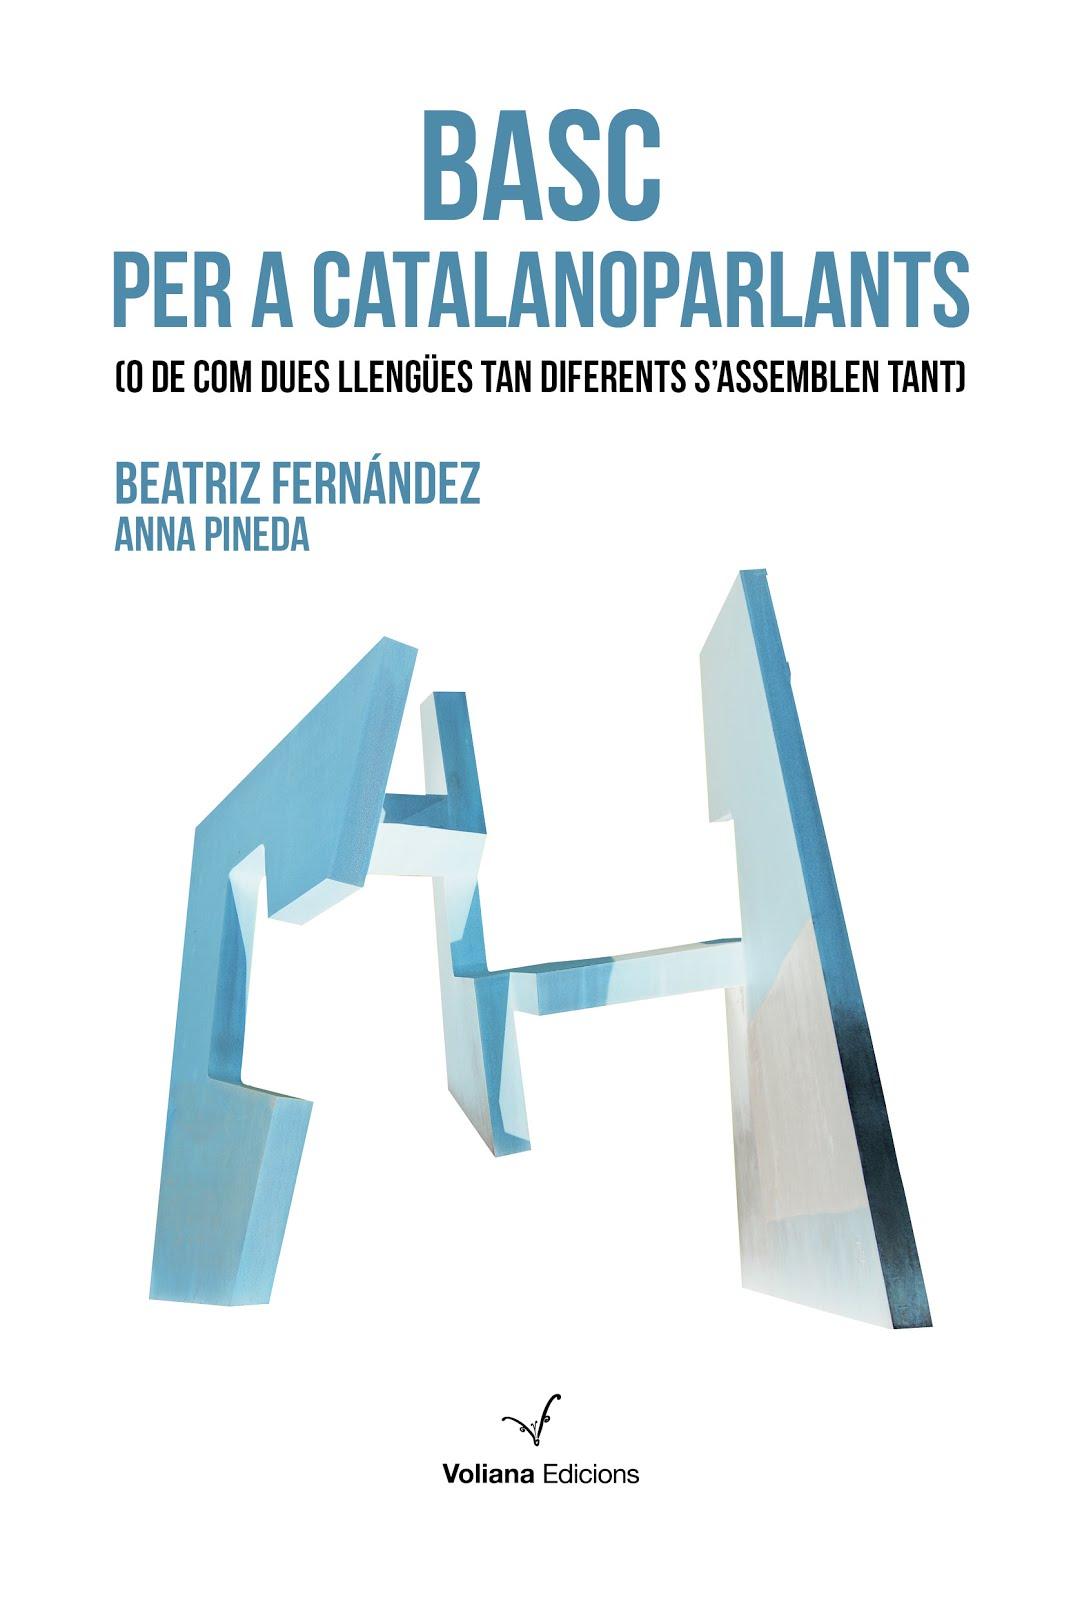 Basc per a catalanoparlants